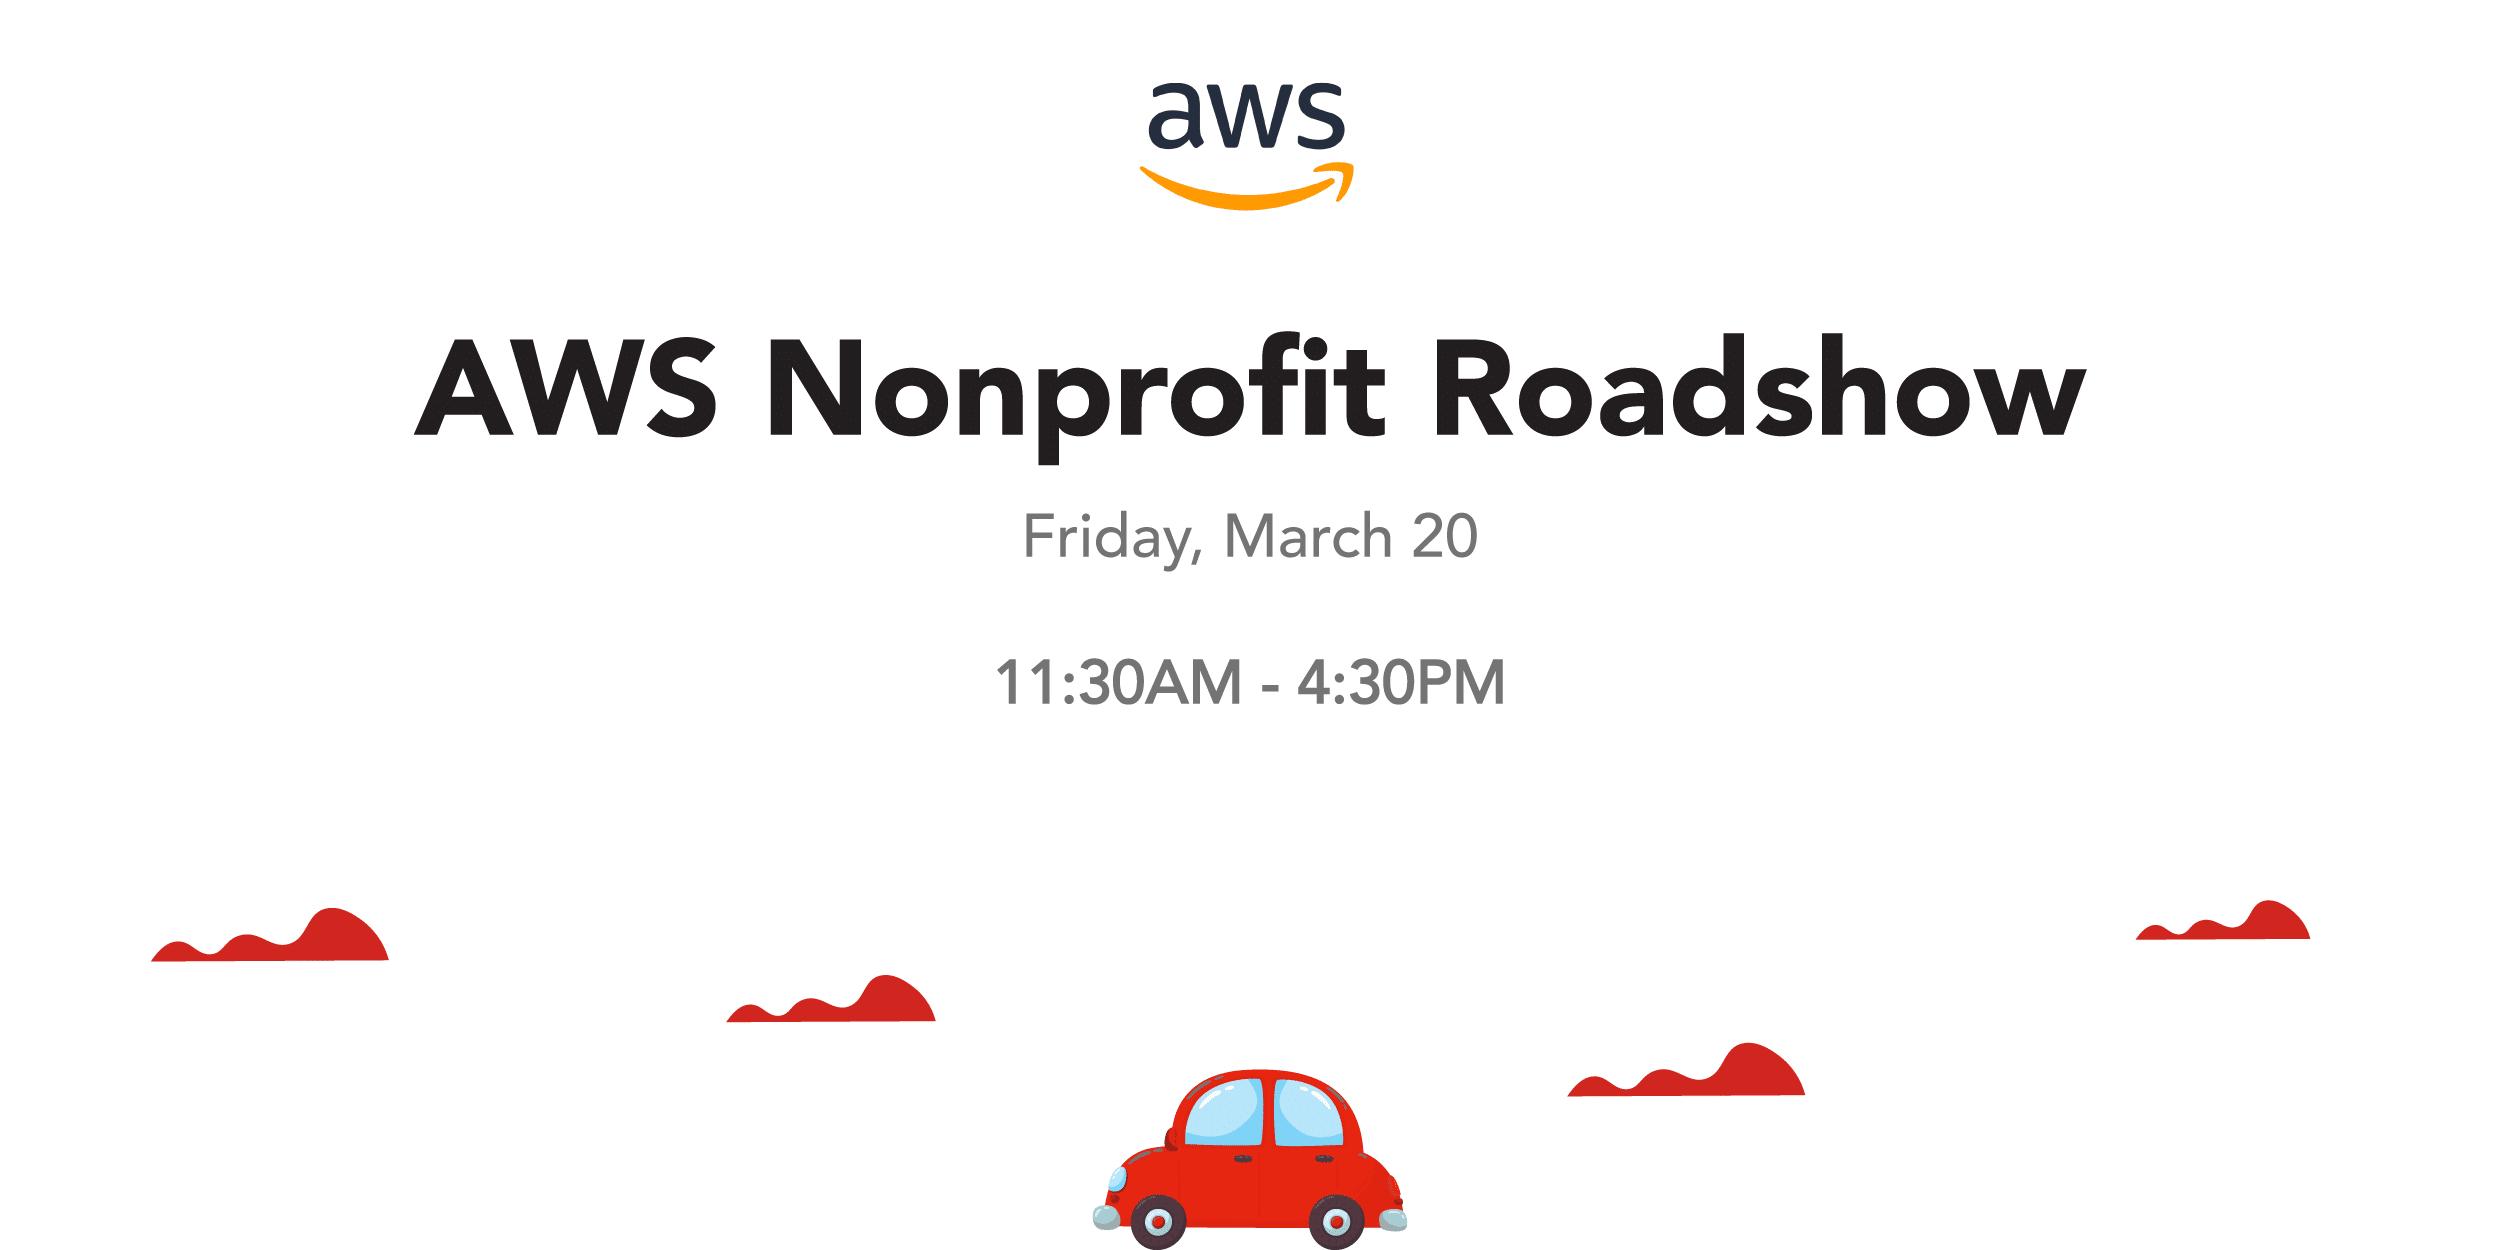 AWS Nonprofit Roadshow